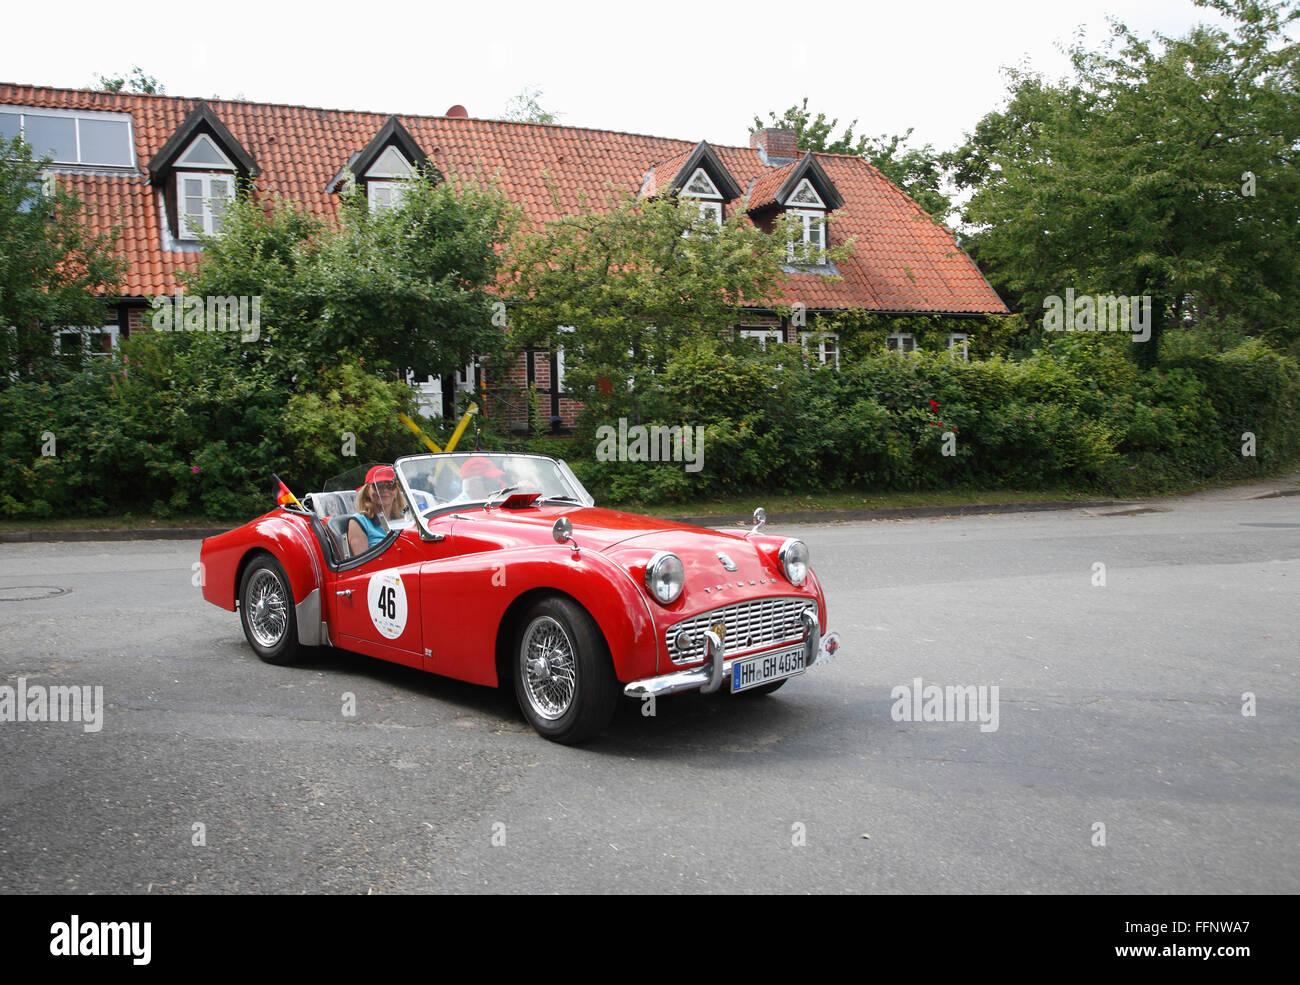 Oldtimer-Rallye, Landkreis Lüneburg, Niedersachsen, Deutschland, Europa zu senken Stockbild